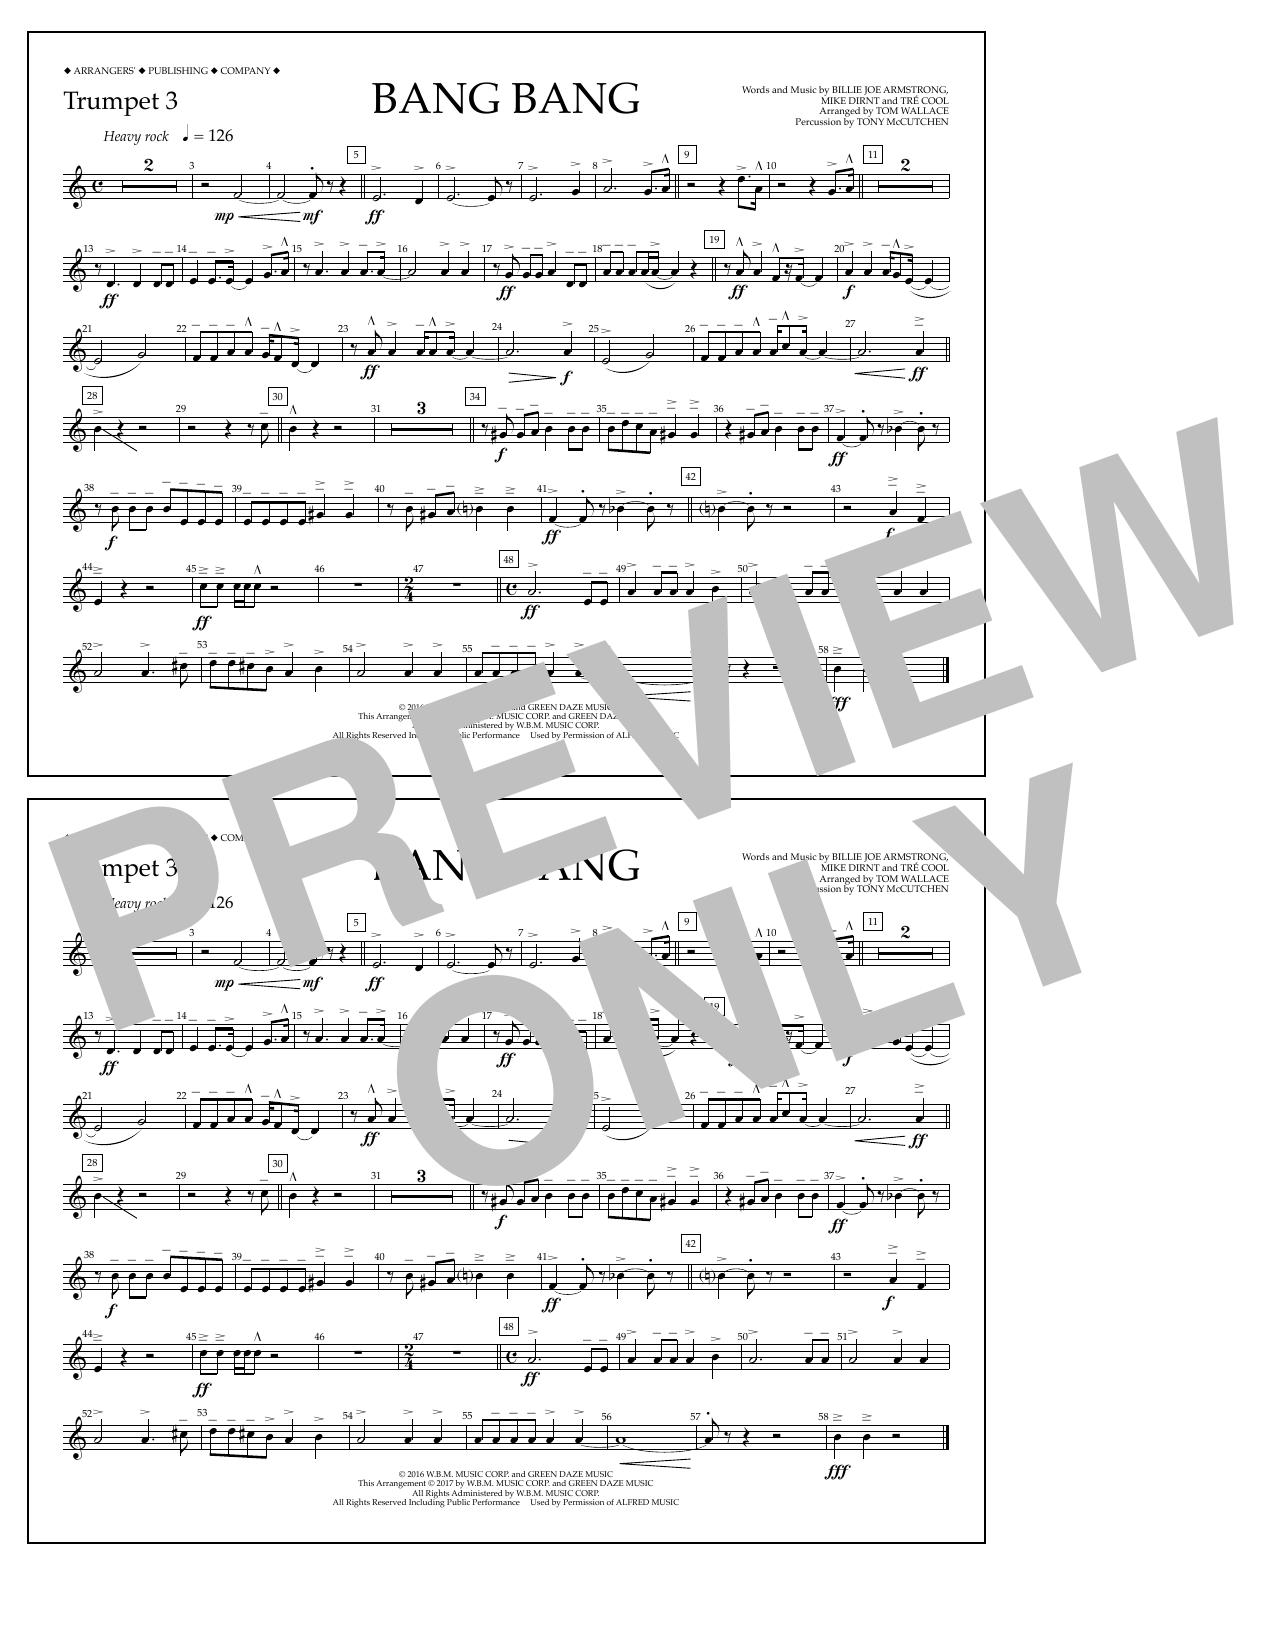 Bang Bang - Trumpet 3 Sheet Music